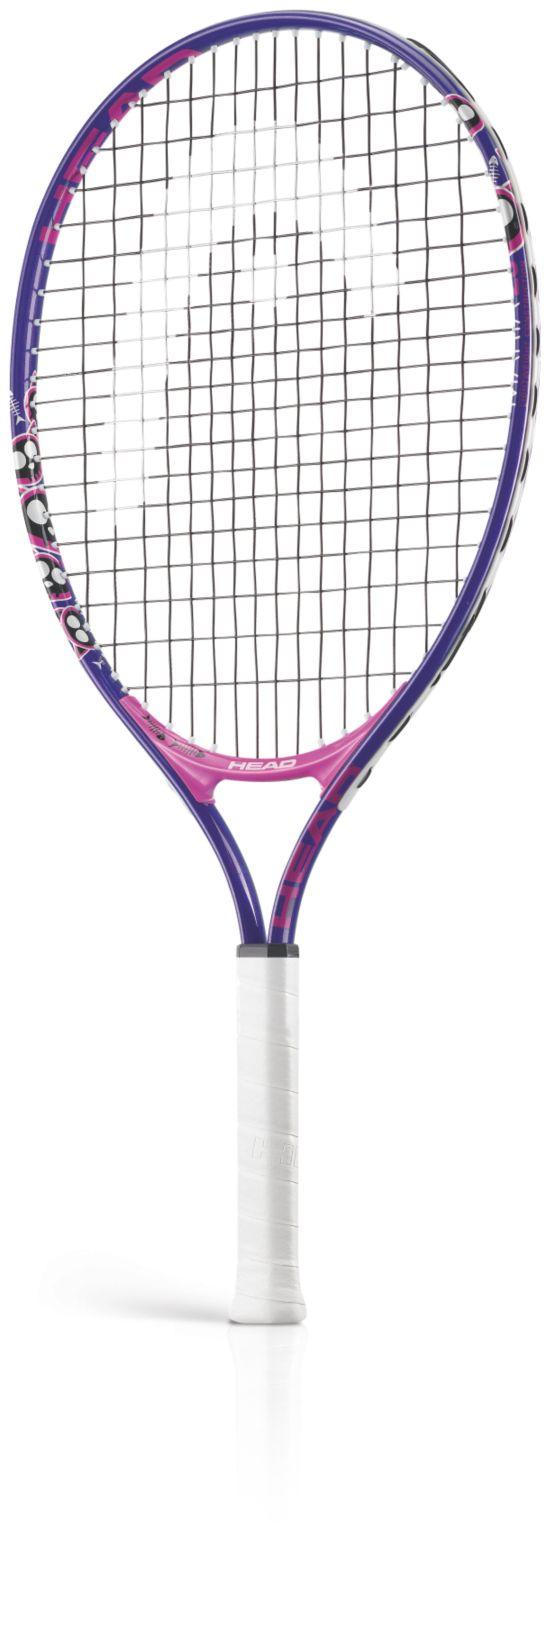 Maria 23 Tennisracket